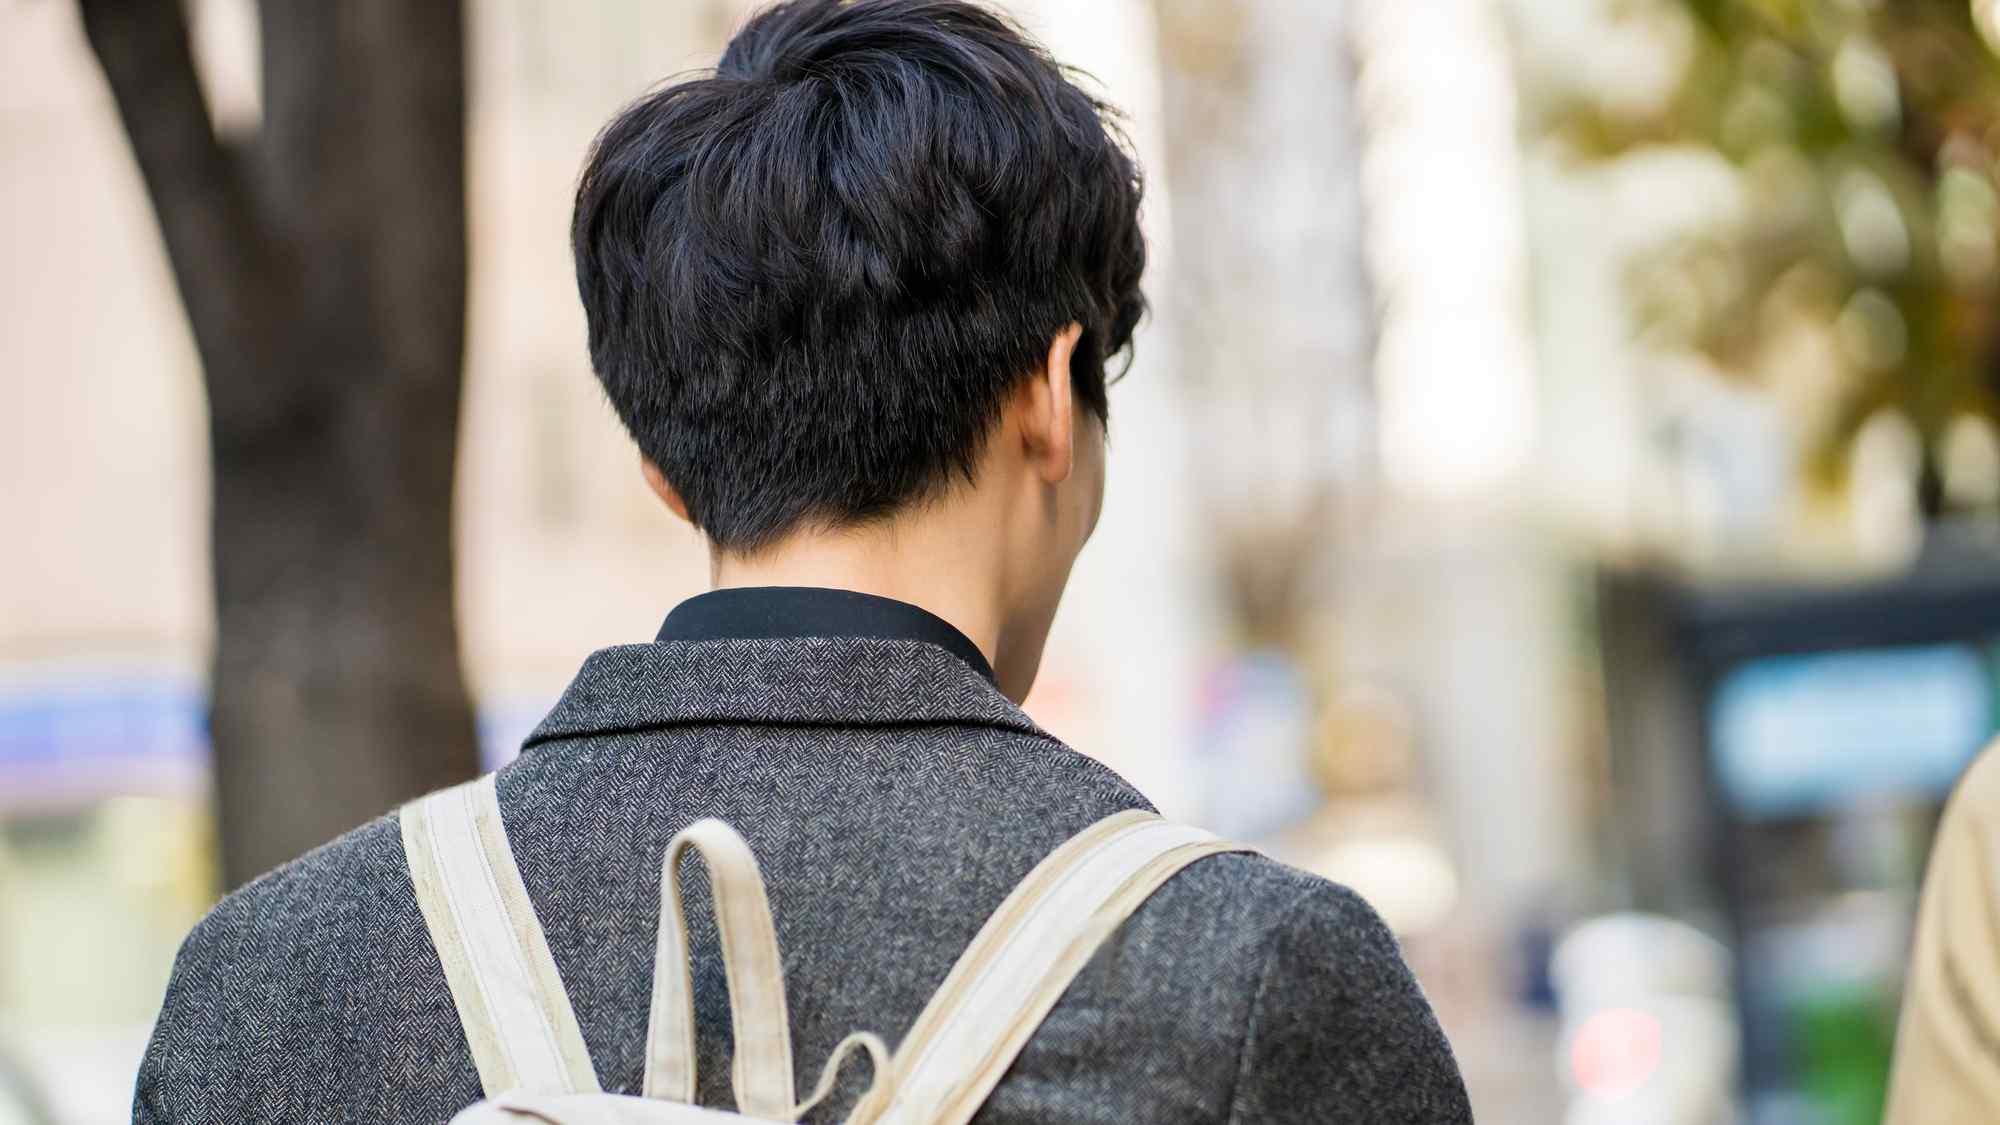 手取り26万円「親に激怒された。」31歳新婚男性の悲惨な末路